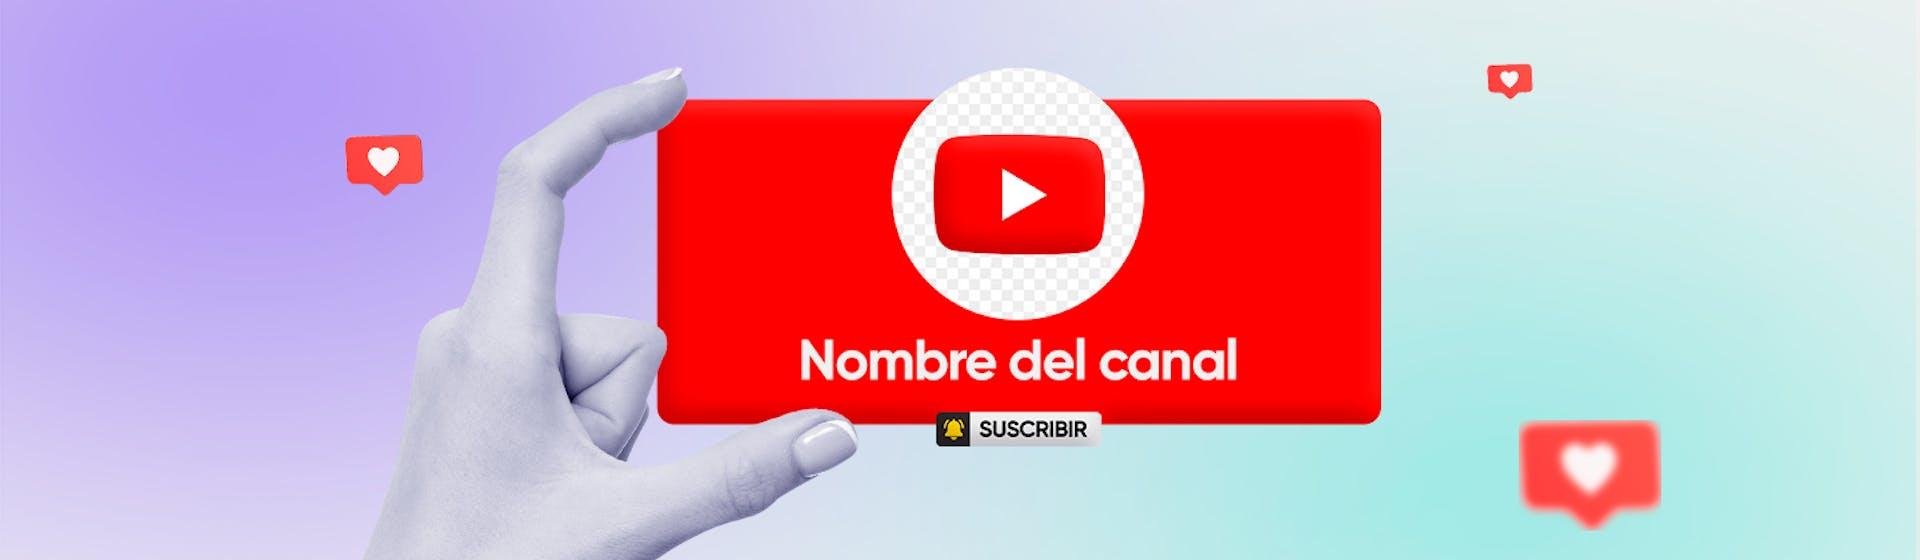 50 ideas de nombres para canales de YouTube que te harán conseguir más suscriptores